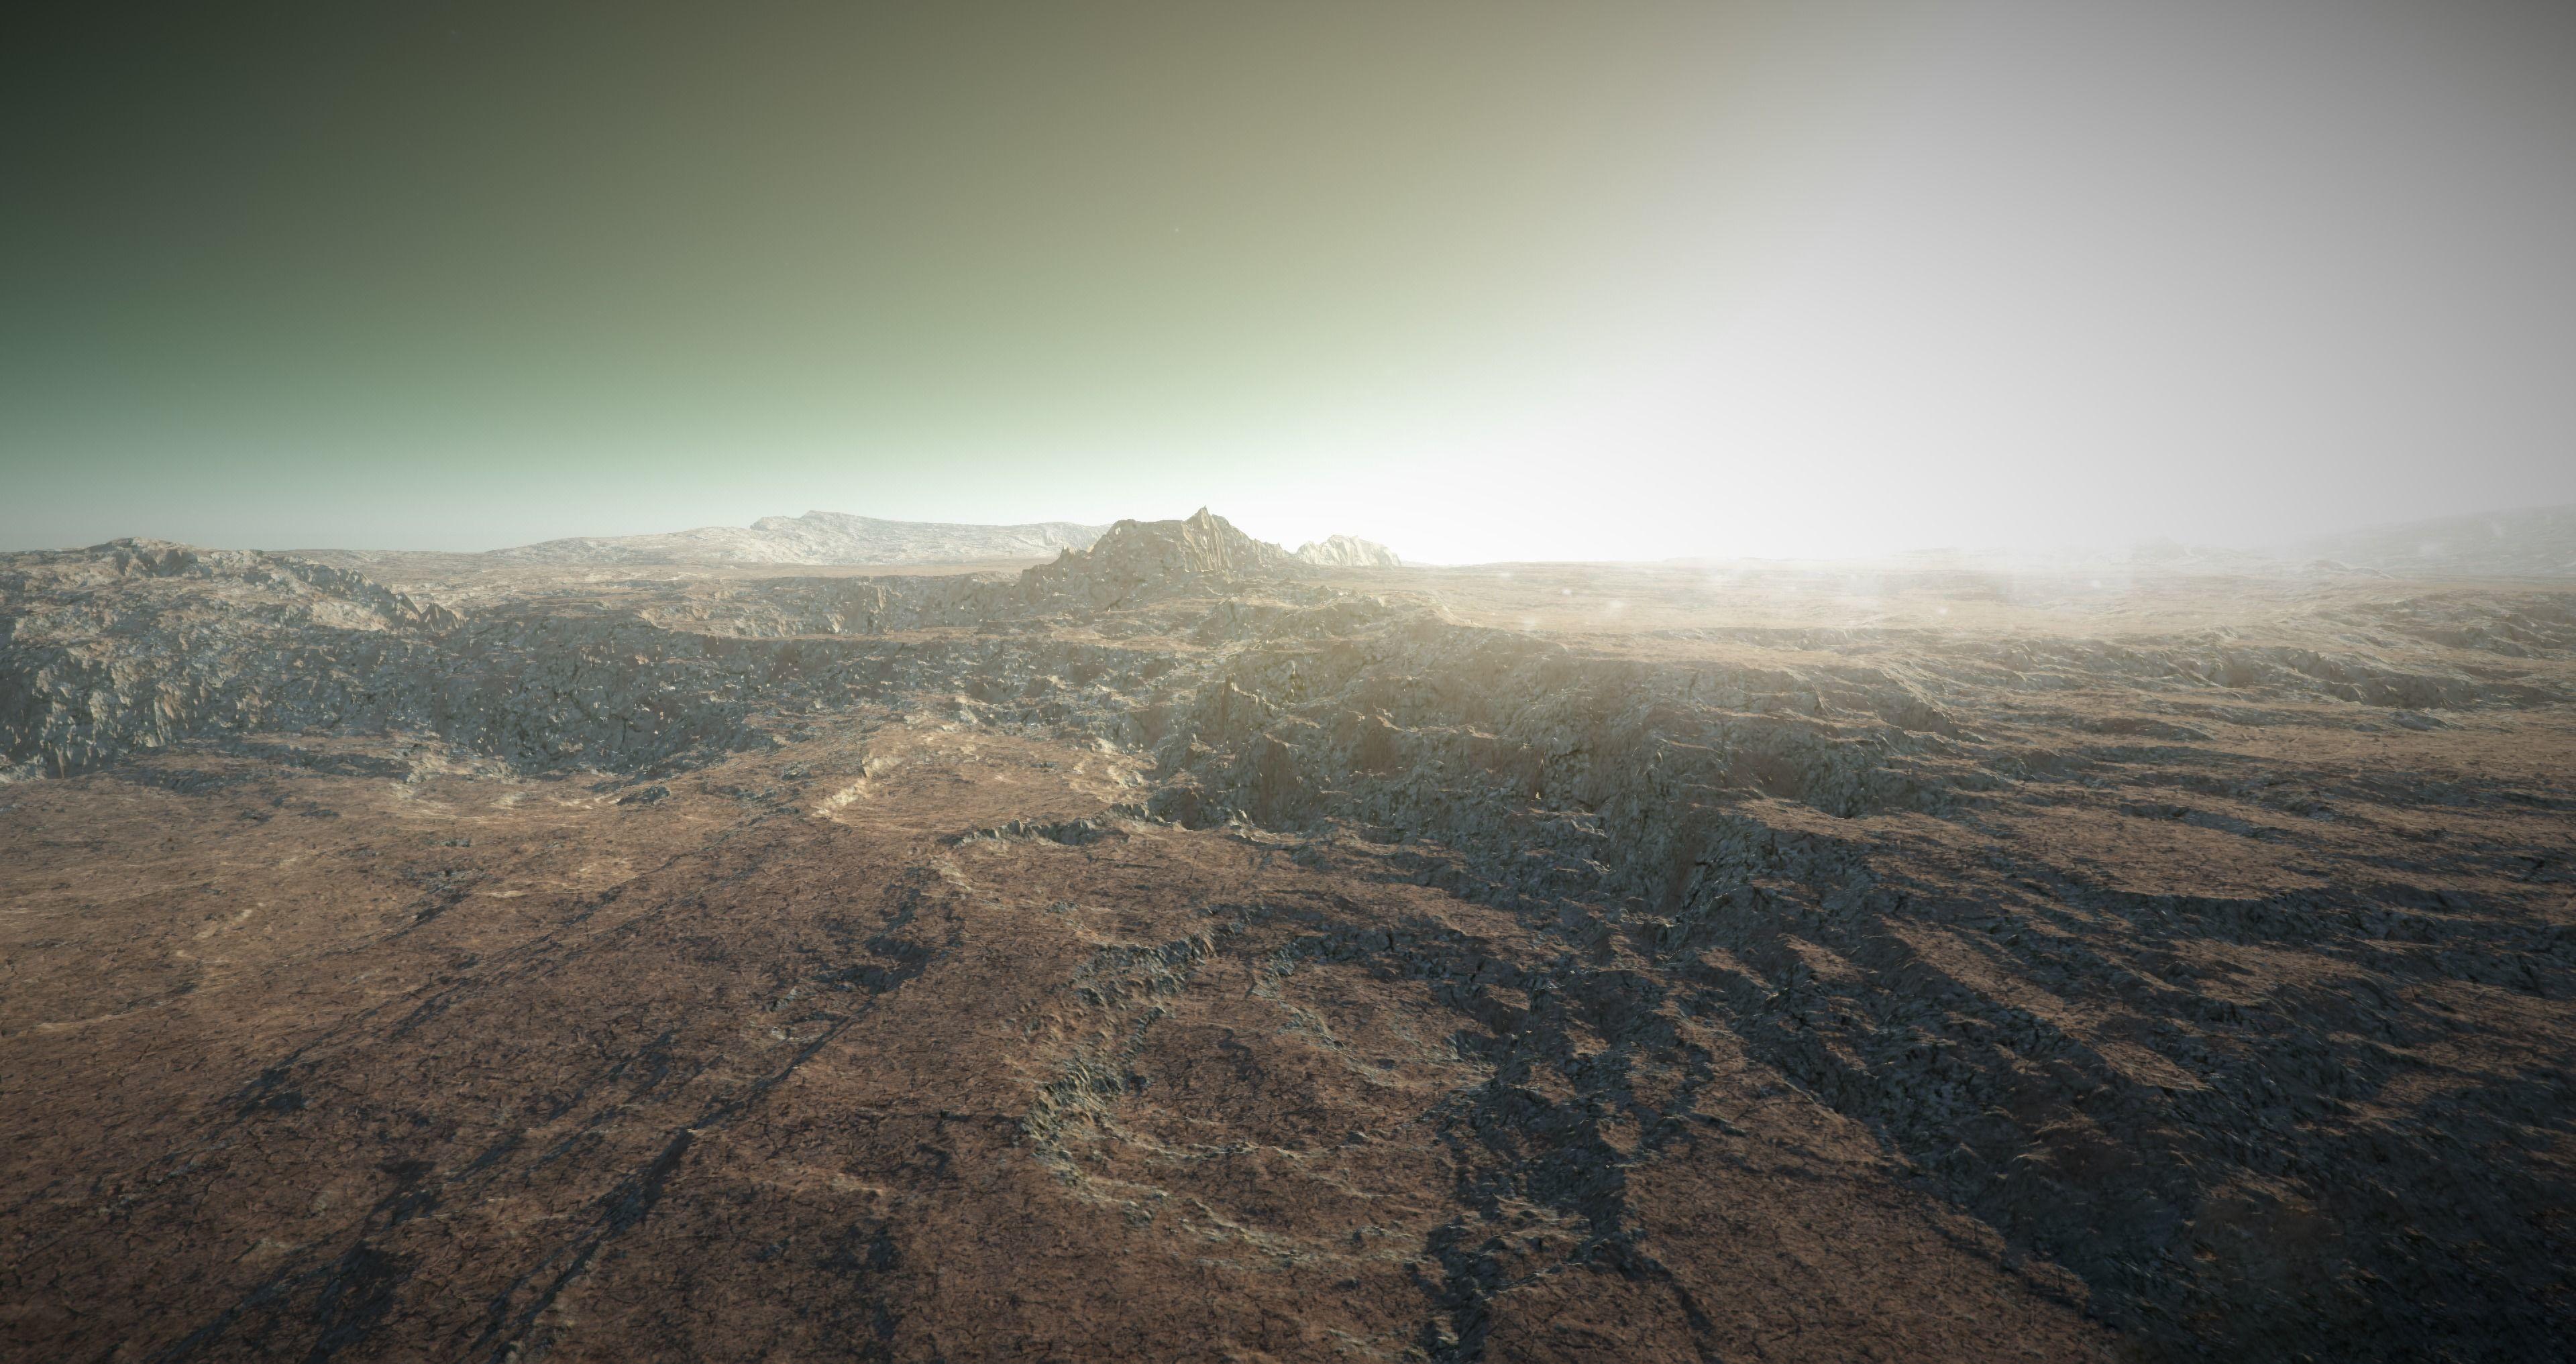 Mars Landscape 4K